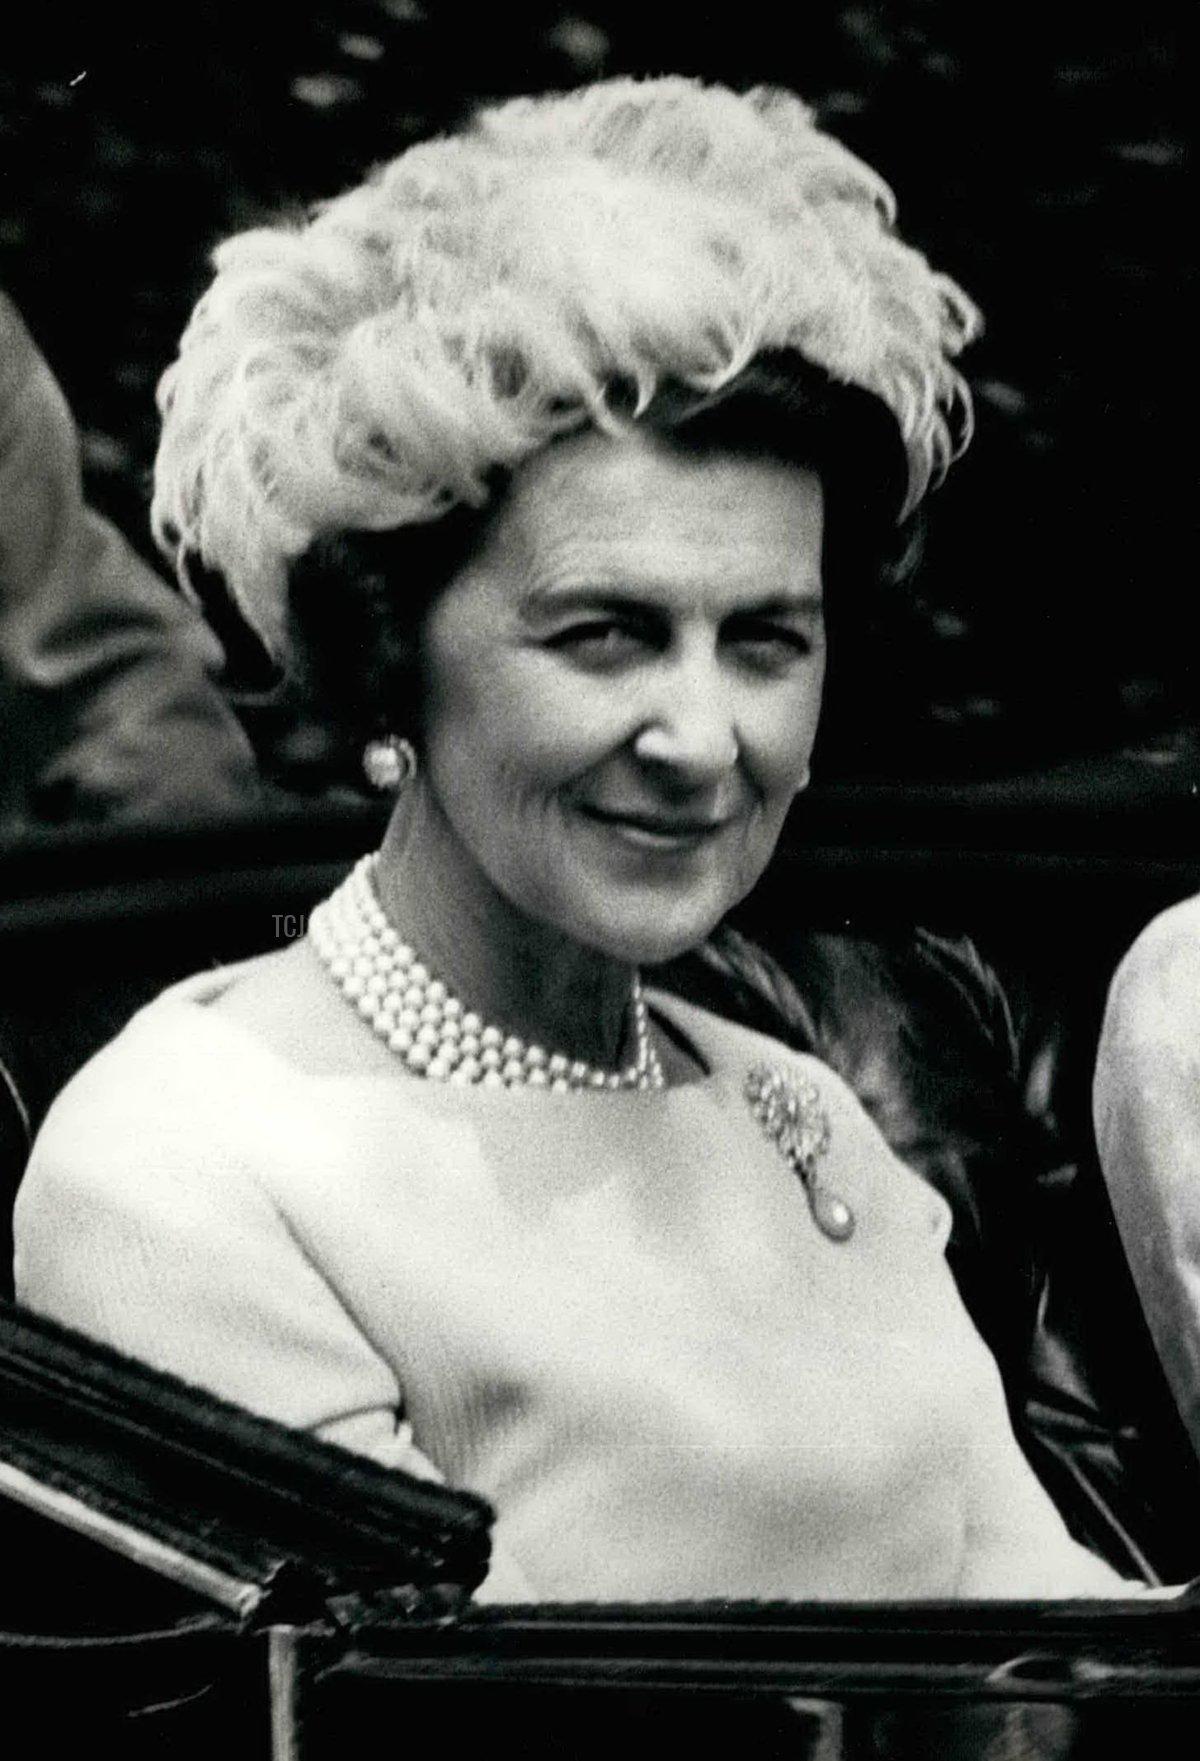 Princess Marina, Duchess of Kent at Royal Ascot, Jun. 06, 1966